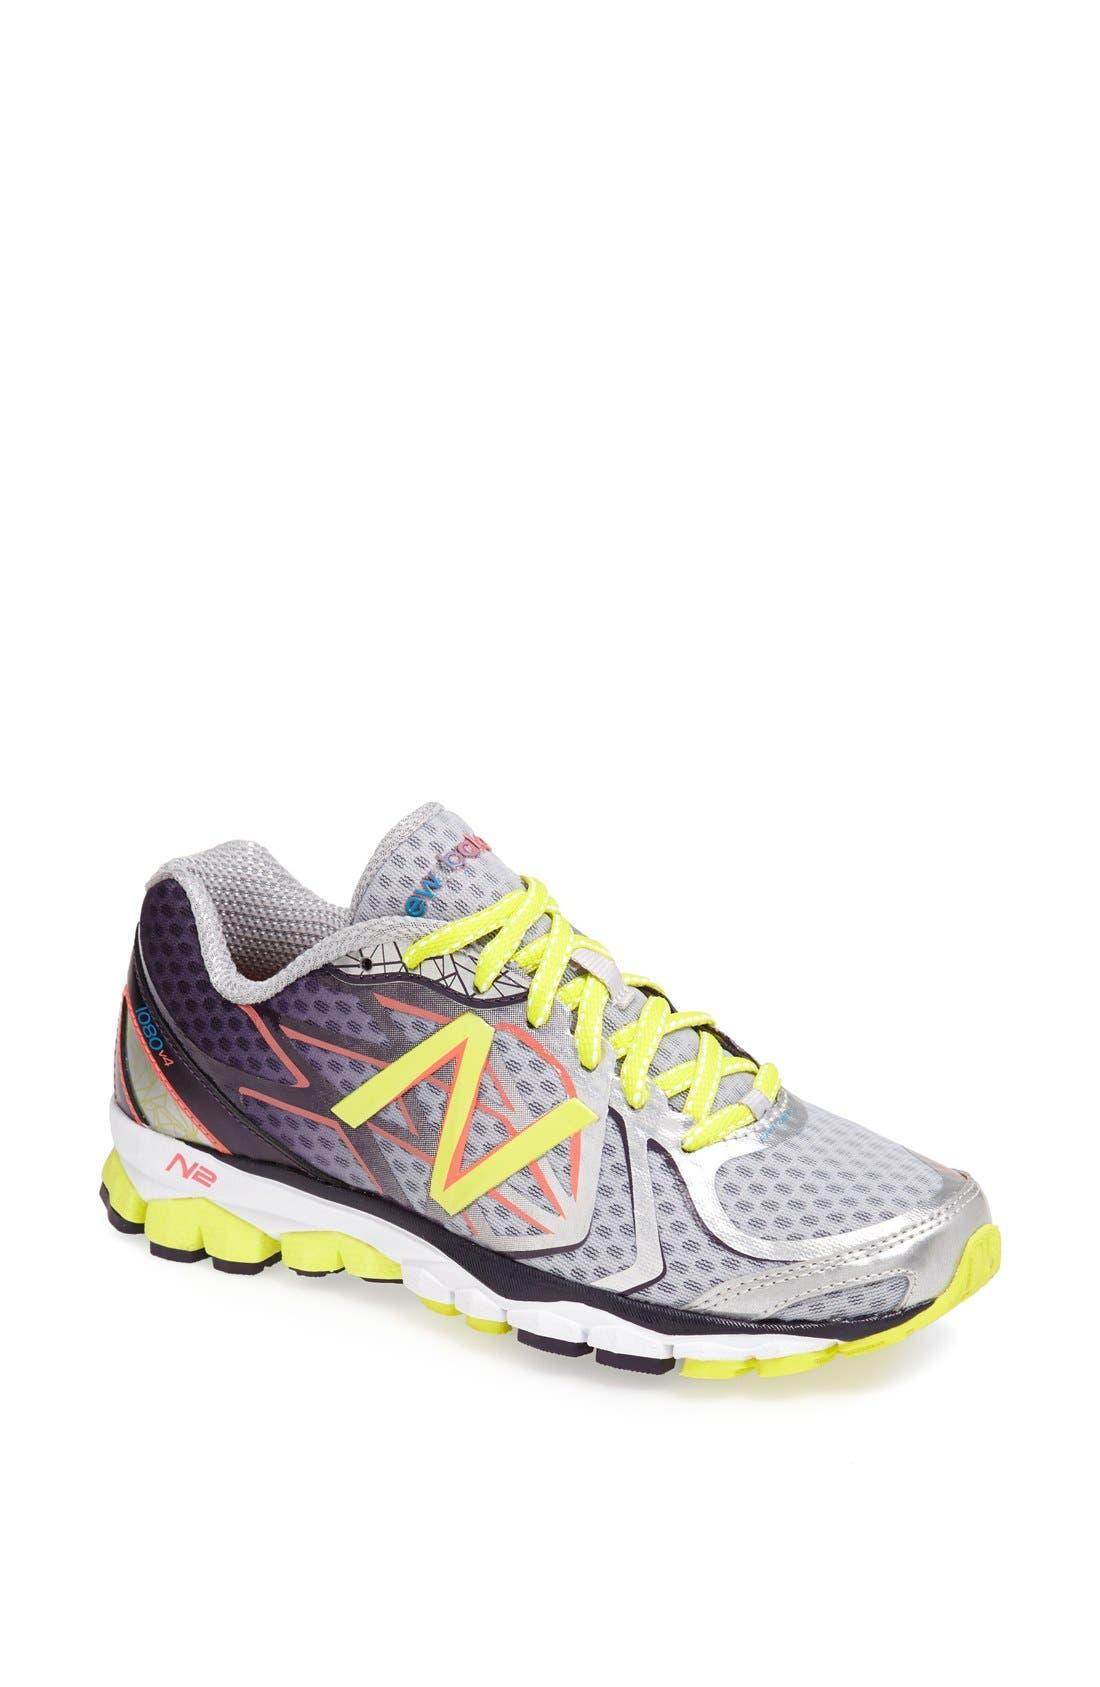 Main Image - New Balance '1080' Running Shoe (Women)